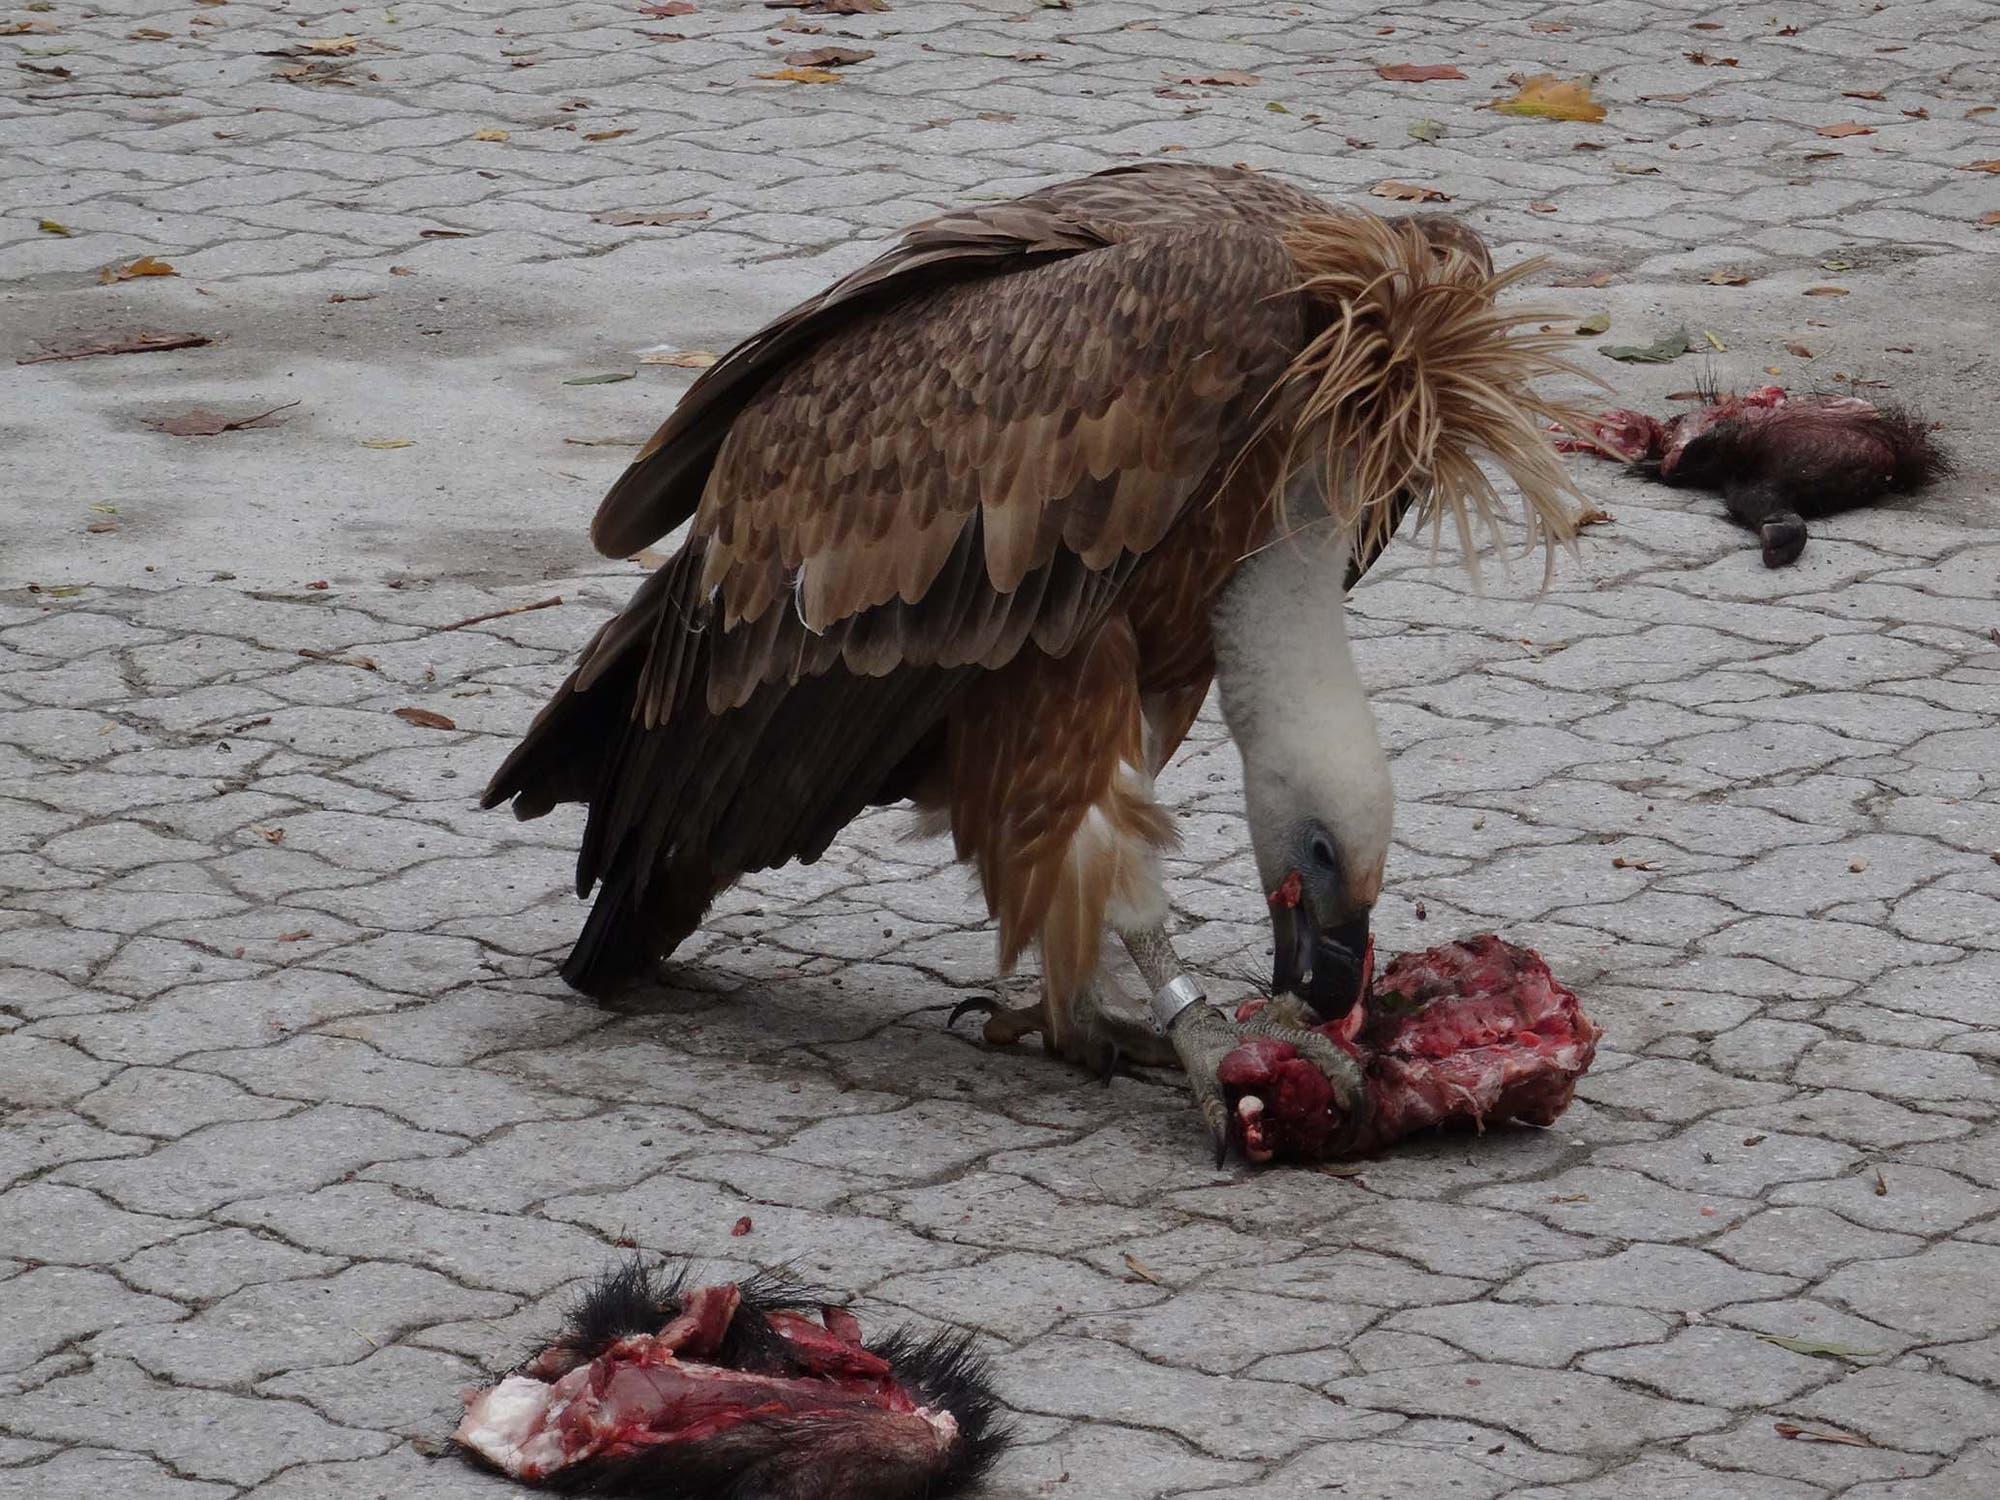 Der Gänsegeier Gypsi genießt im Salzburger Zoo die Pflege der Menschen und das gute Futter ganz ohne Blei.